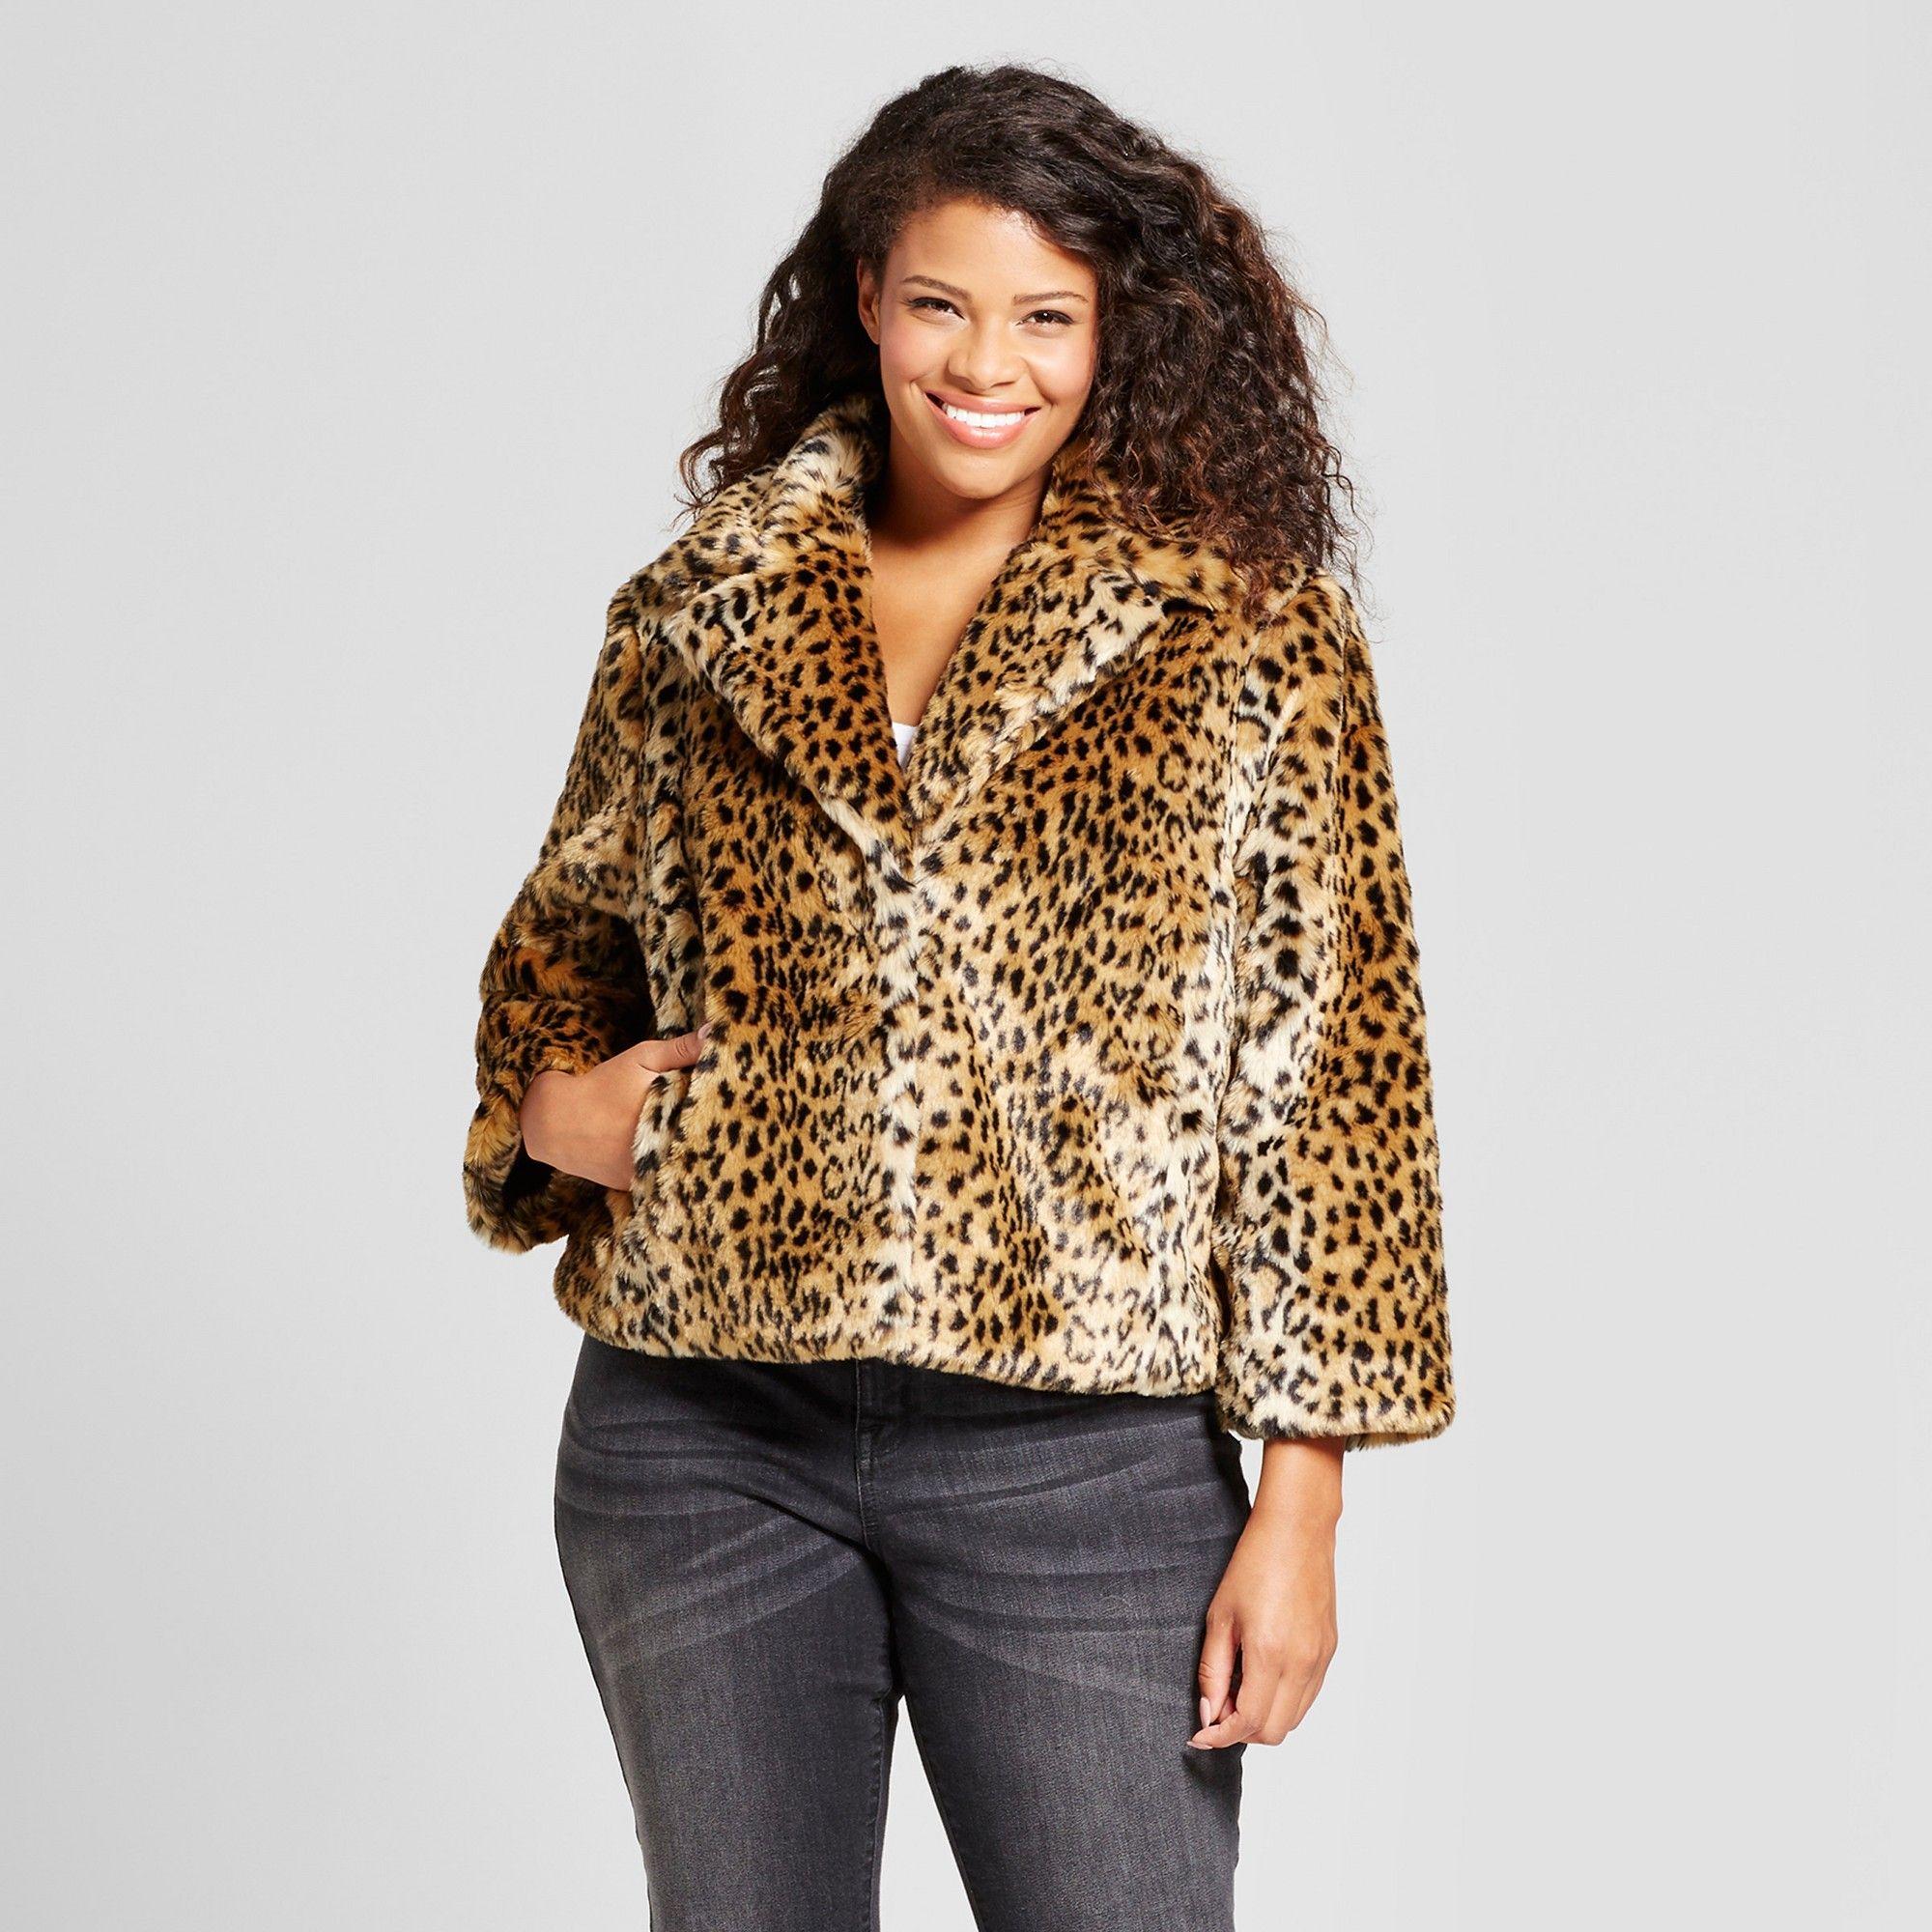 f98546150b Women s Plus Size Faux Fur Jacket - Ava   Viv Cheetah Print 2X ...